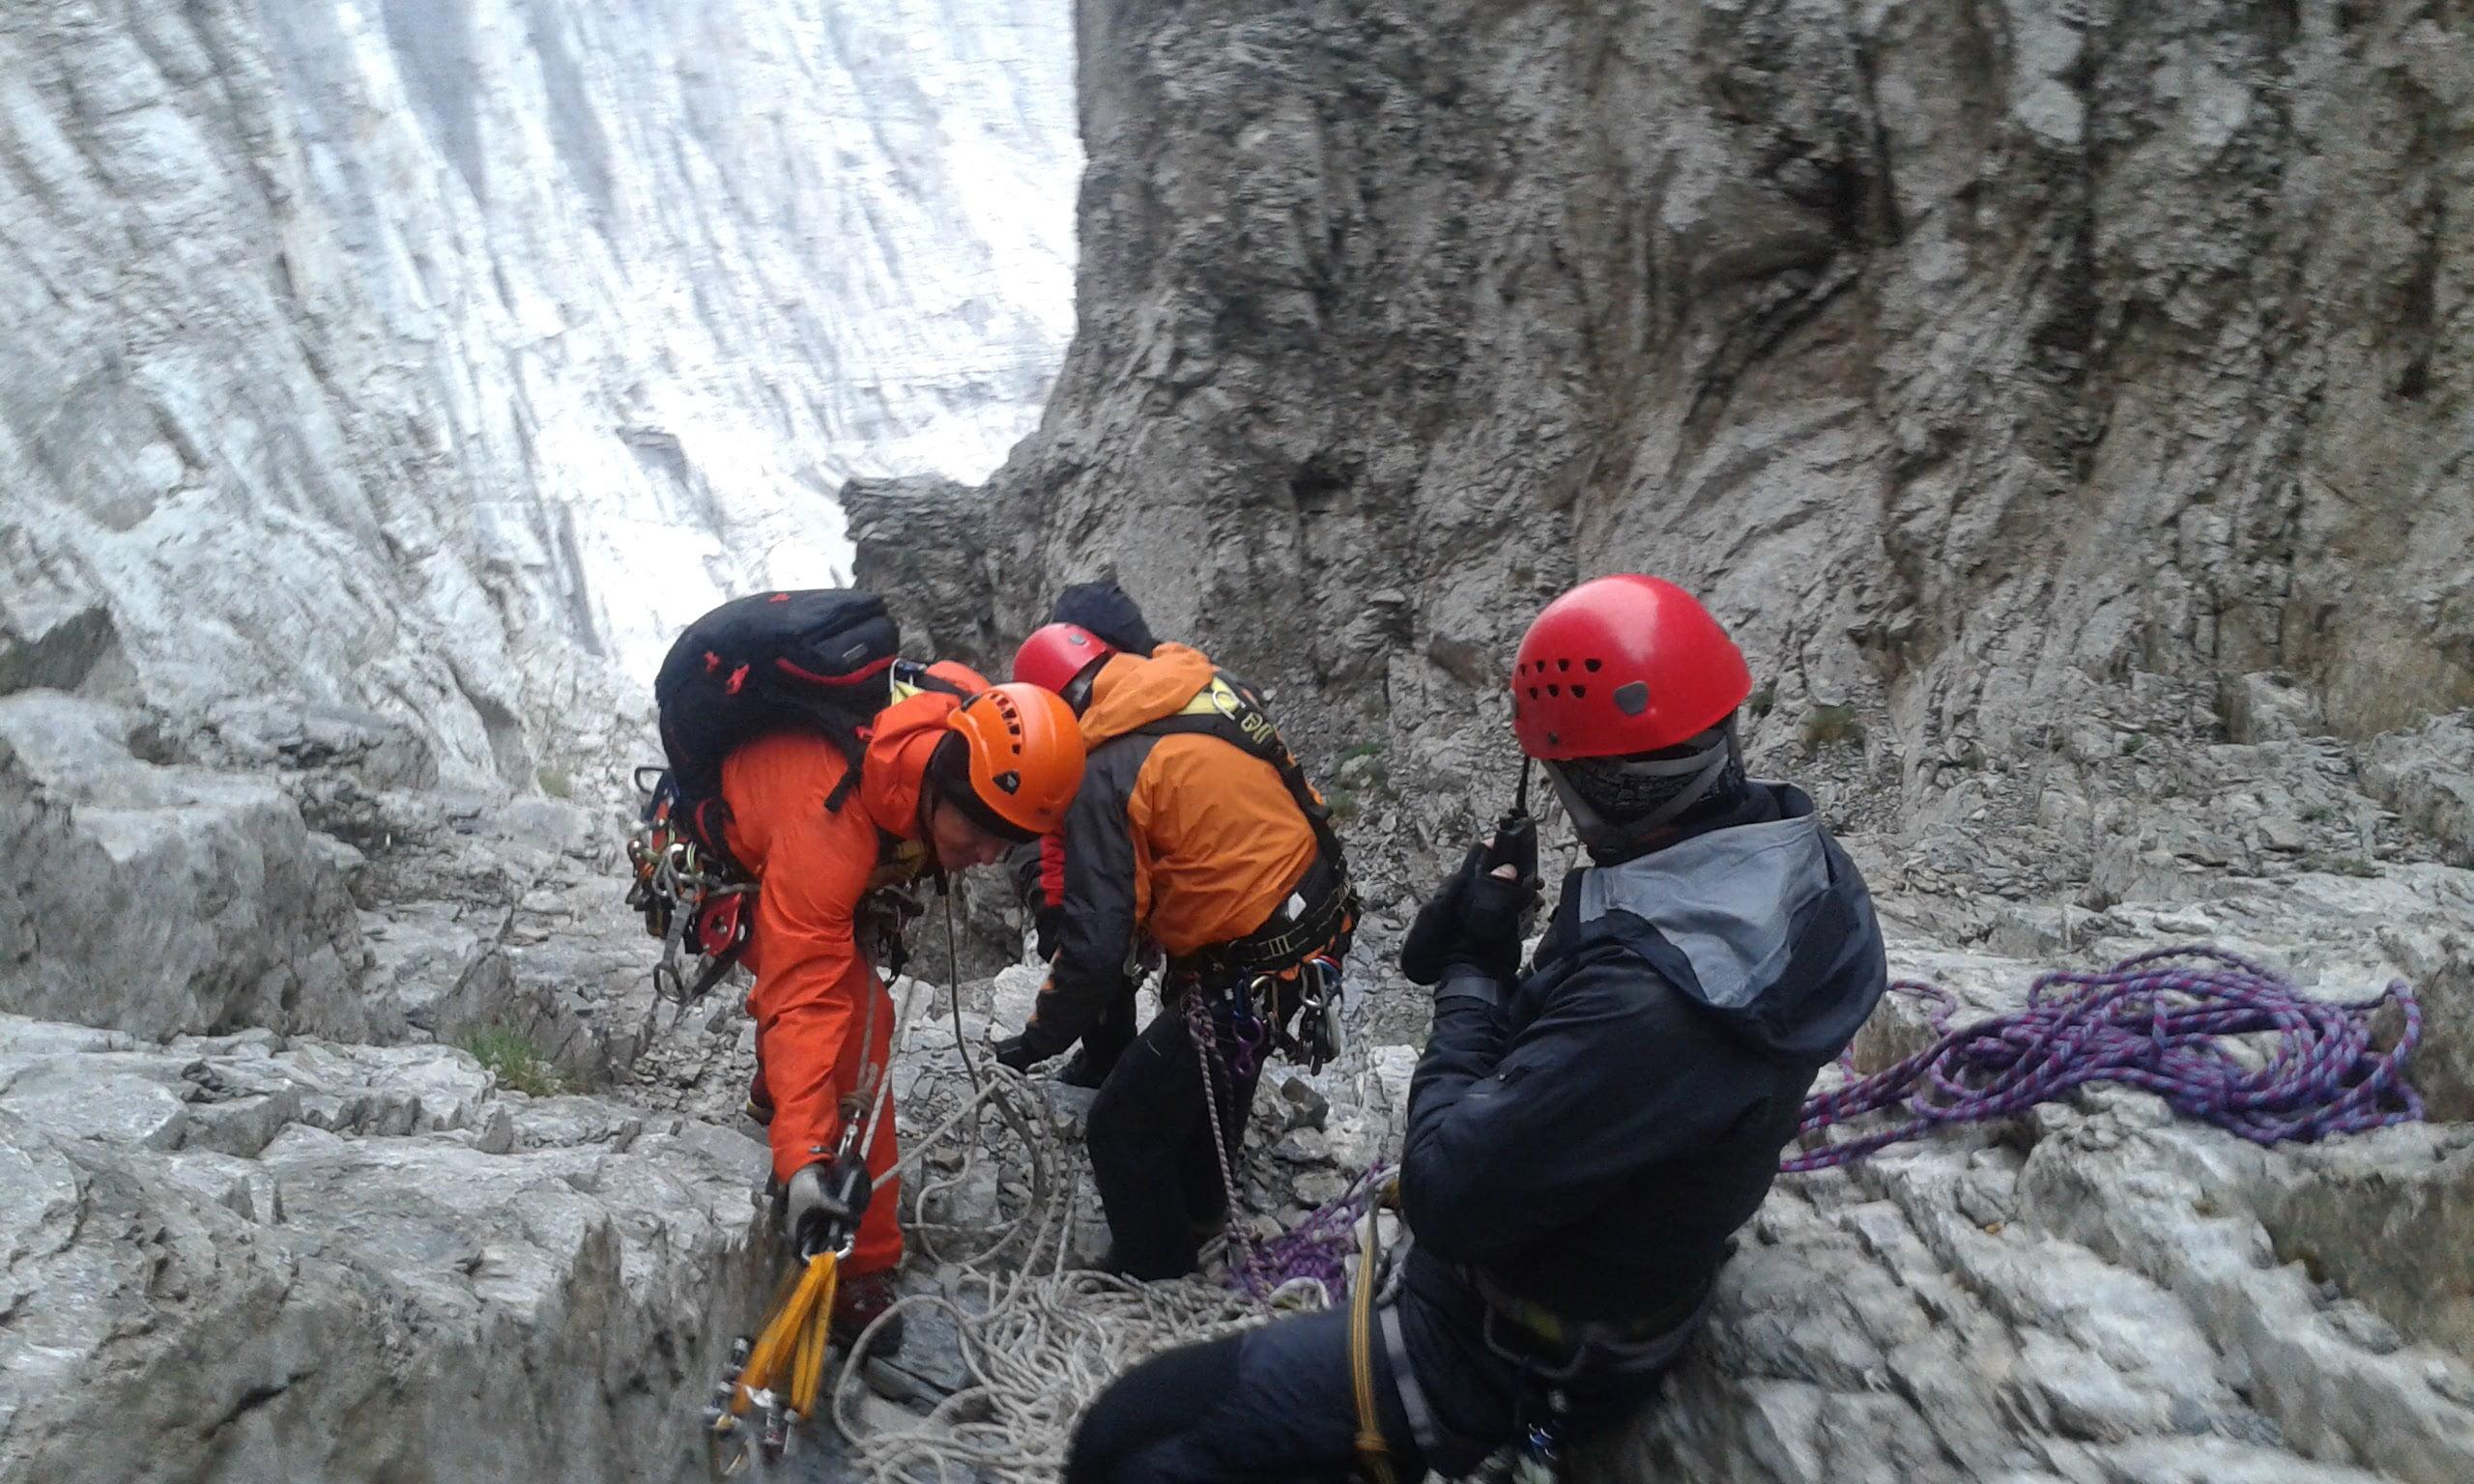 Η ομάδα της ΕΜΑΚ μιλάει για τις επιχειρήσεις διάσωσης ορειβατών στον Όλυμπο